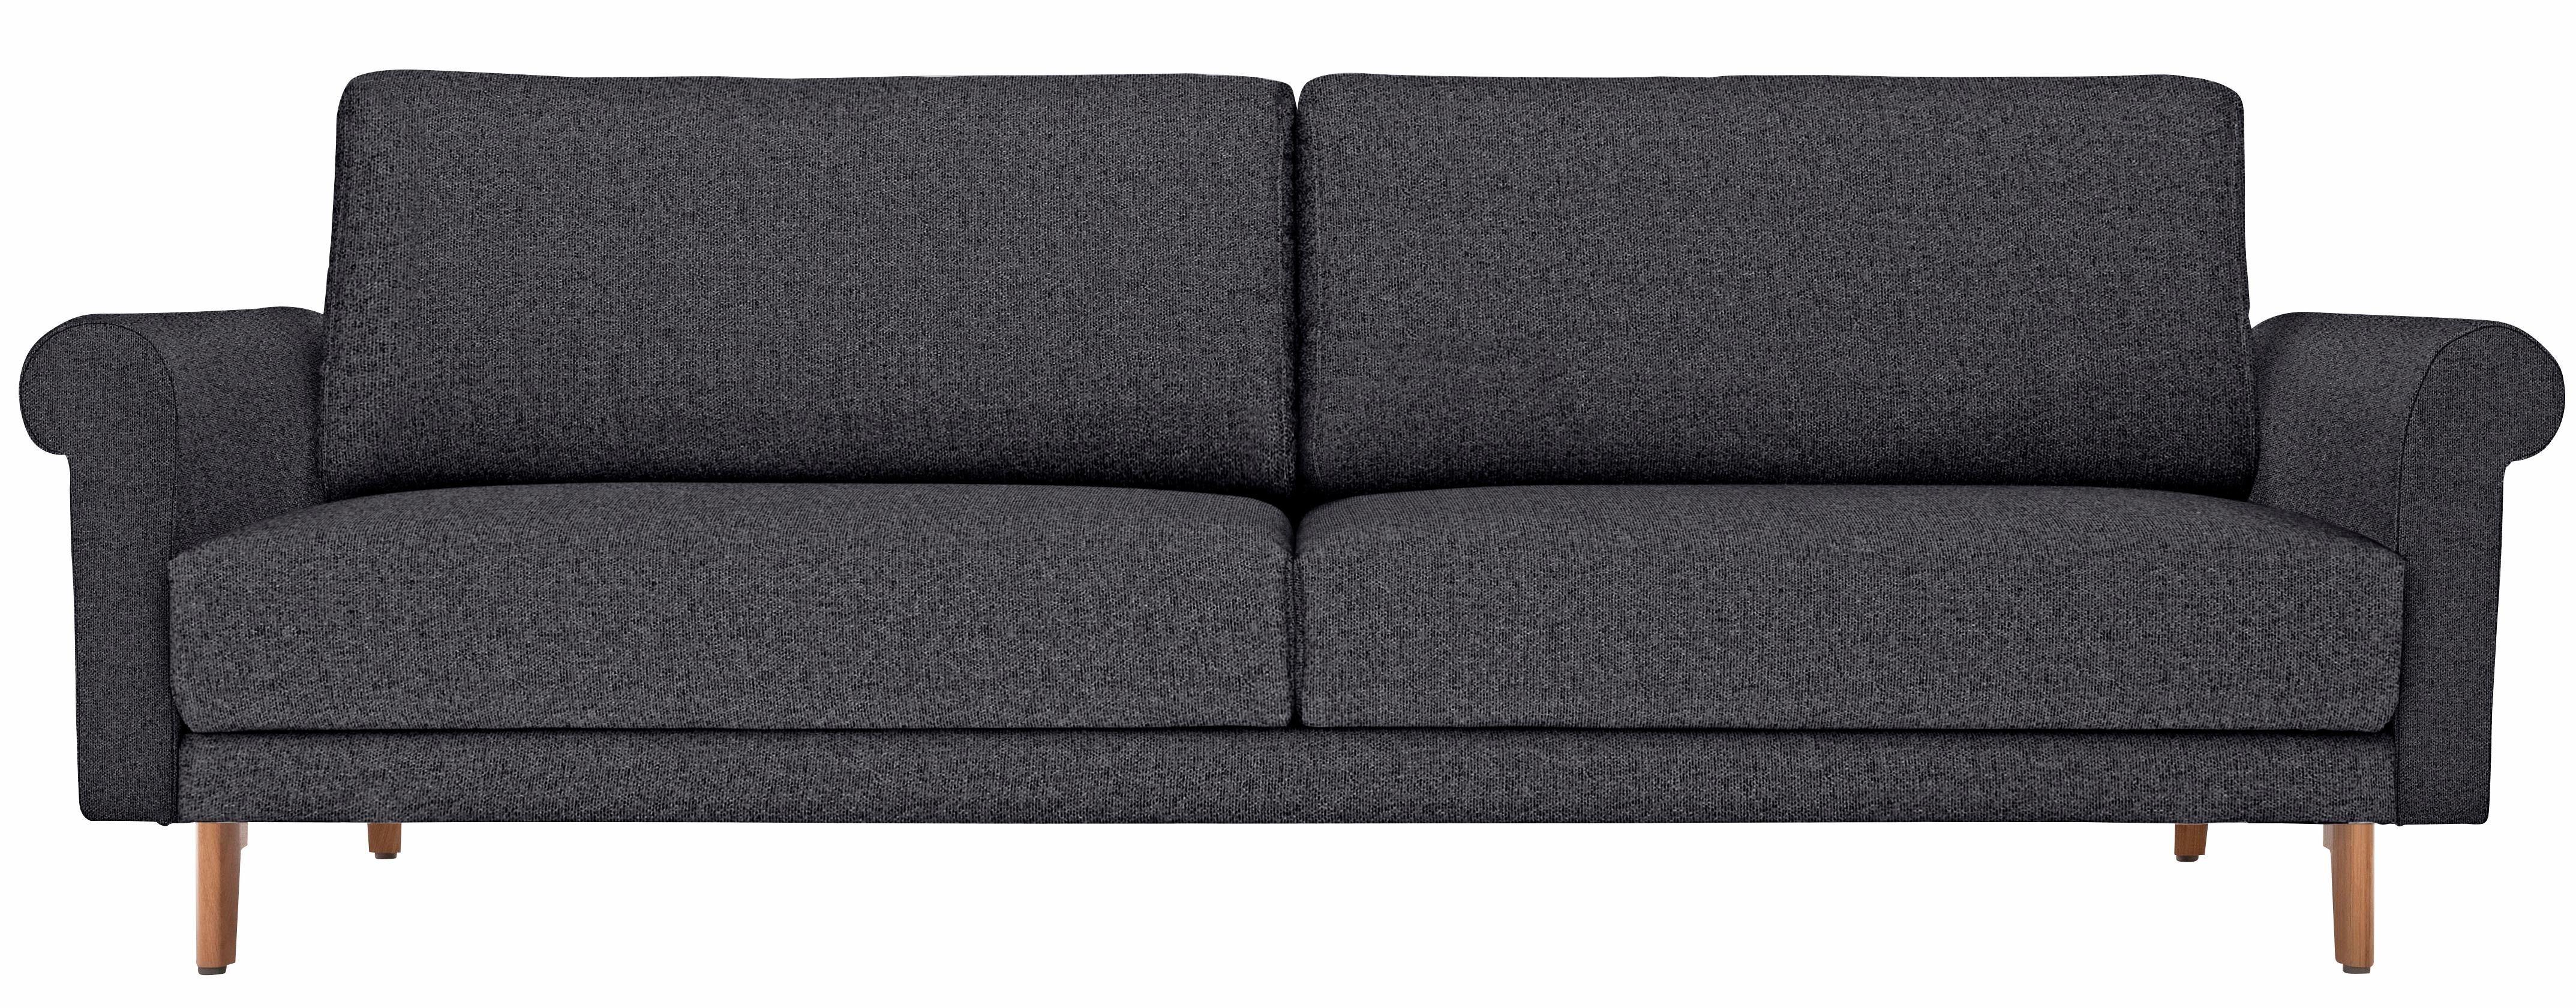 hülsta sofa 2-Sitzer Sofa »hs.450« wahlweise in Stoff oder Leder, im modernen Landhausstil ...